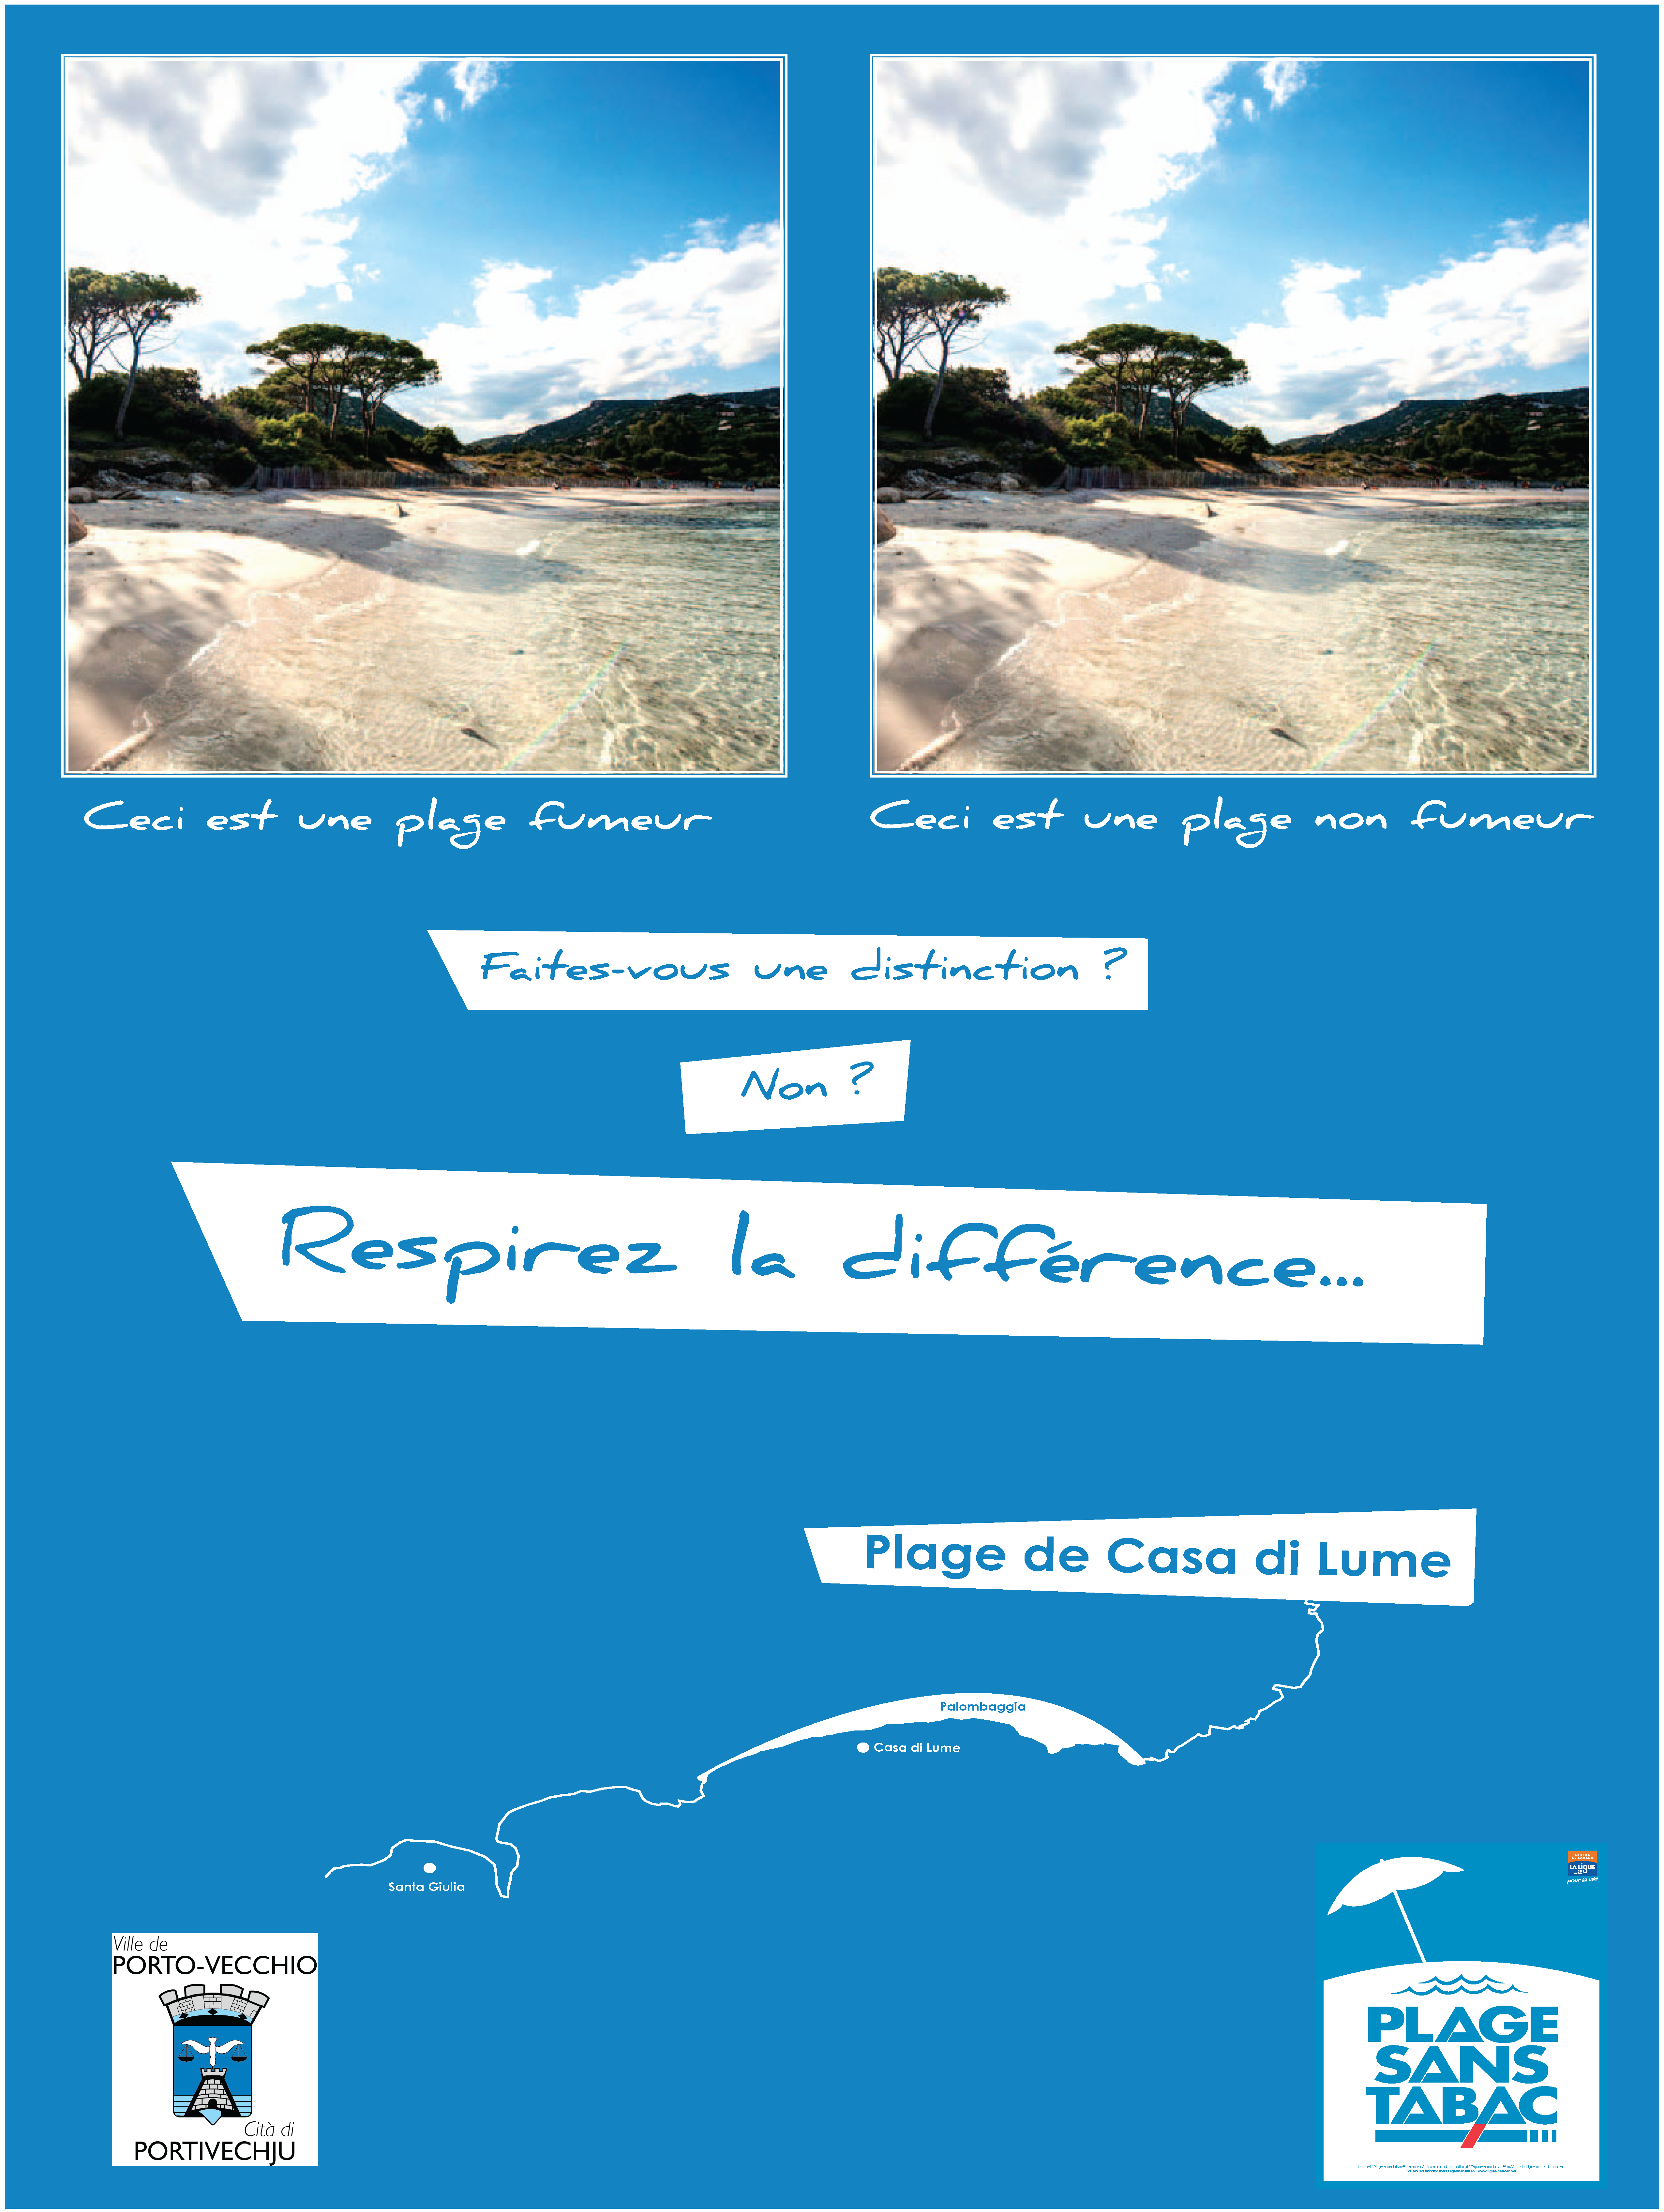 Casa di Lume, à Palombaggia, première plage sans tabac de Corse